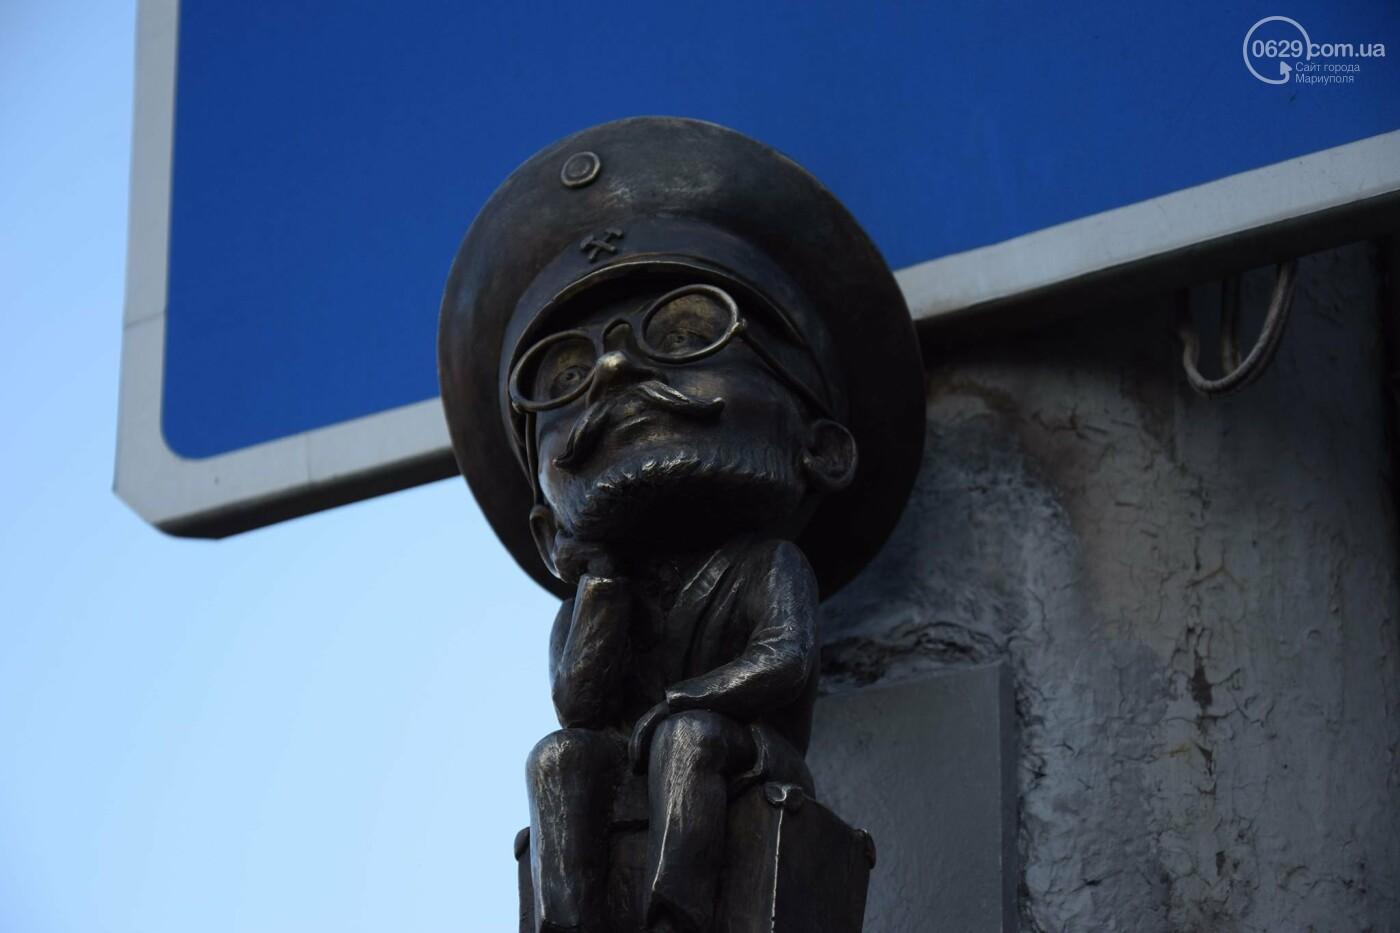 Воскрешение Дзержинского? С кем еще мариупольцы спутали известного архитектора, - ФОТО, ВИДЕО, фото-7